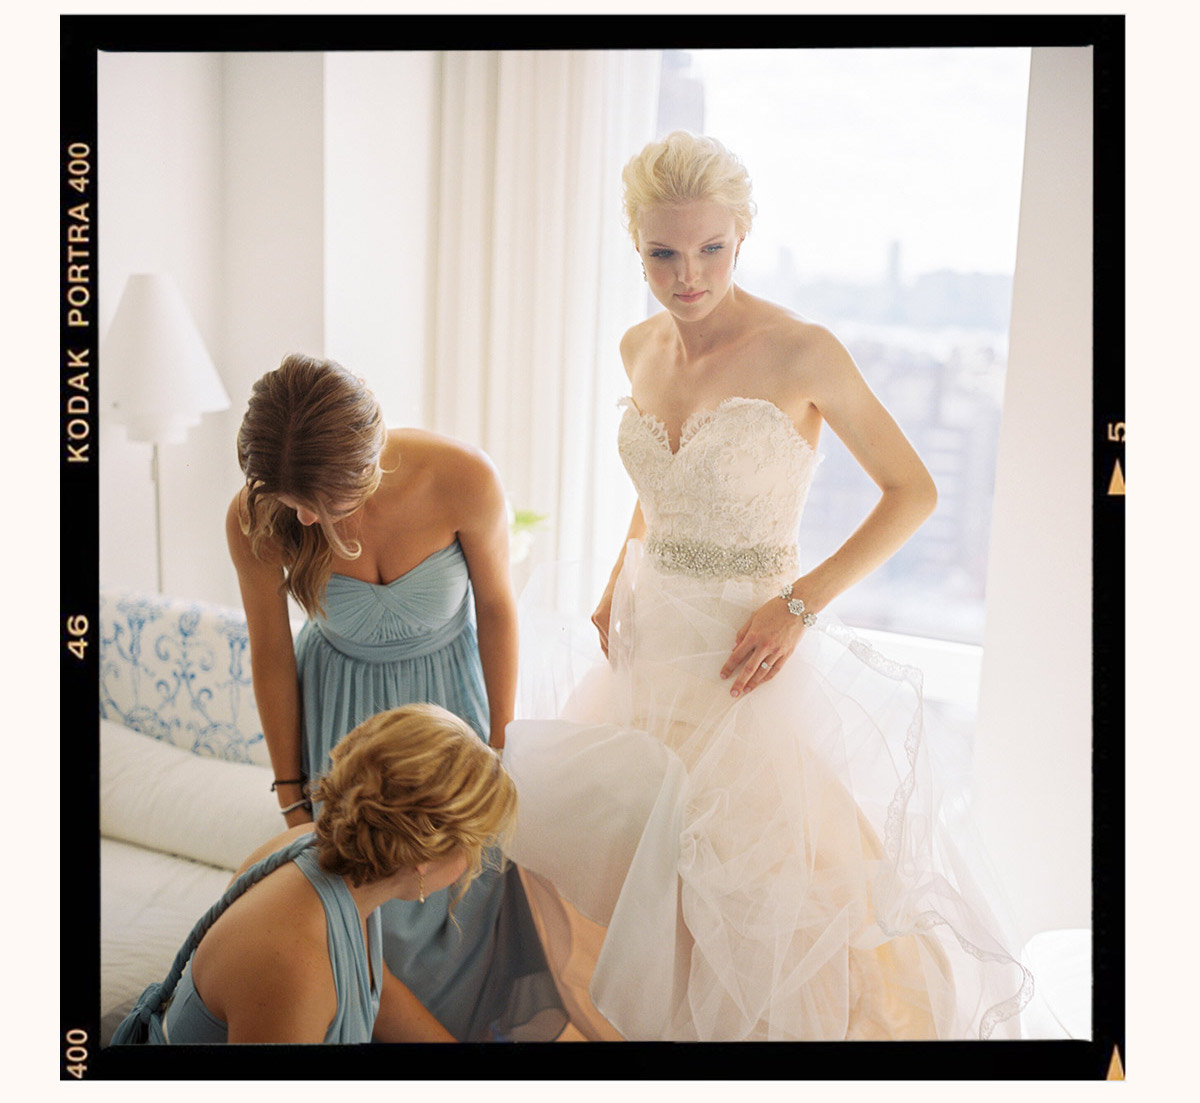 Brooklyn Botanical Gardens Wedding Photographer 02 1 - BROOKLYN BOTANICAL GARDEN WEDDING PHOTOGRAPHY